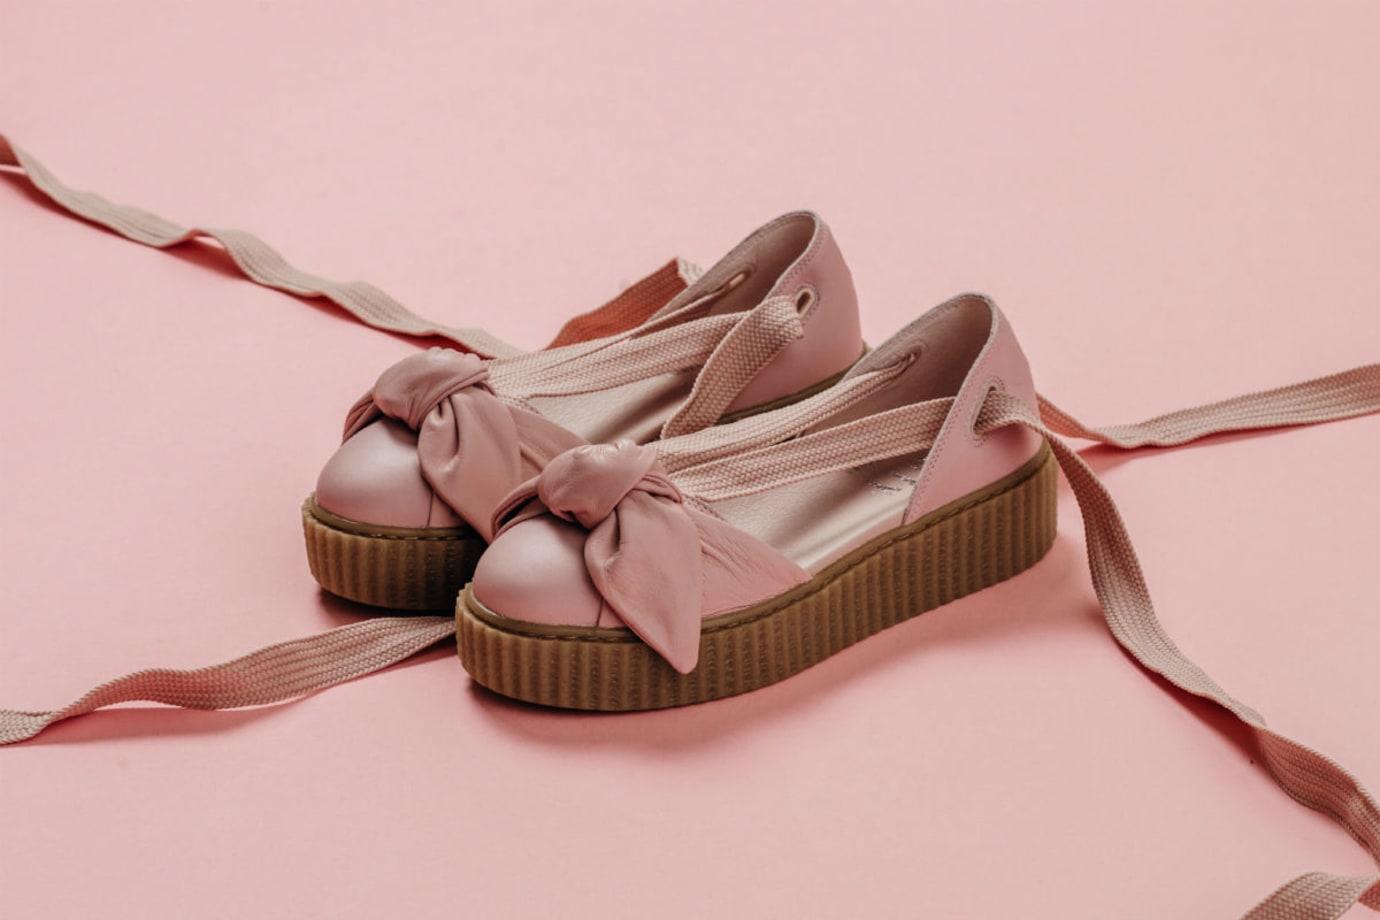 premium selection cc0f0 e72e3 Puma x Rihanna Bow Creeper Sandal (5)